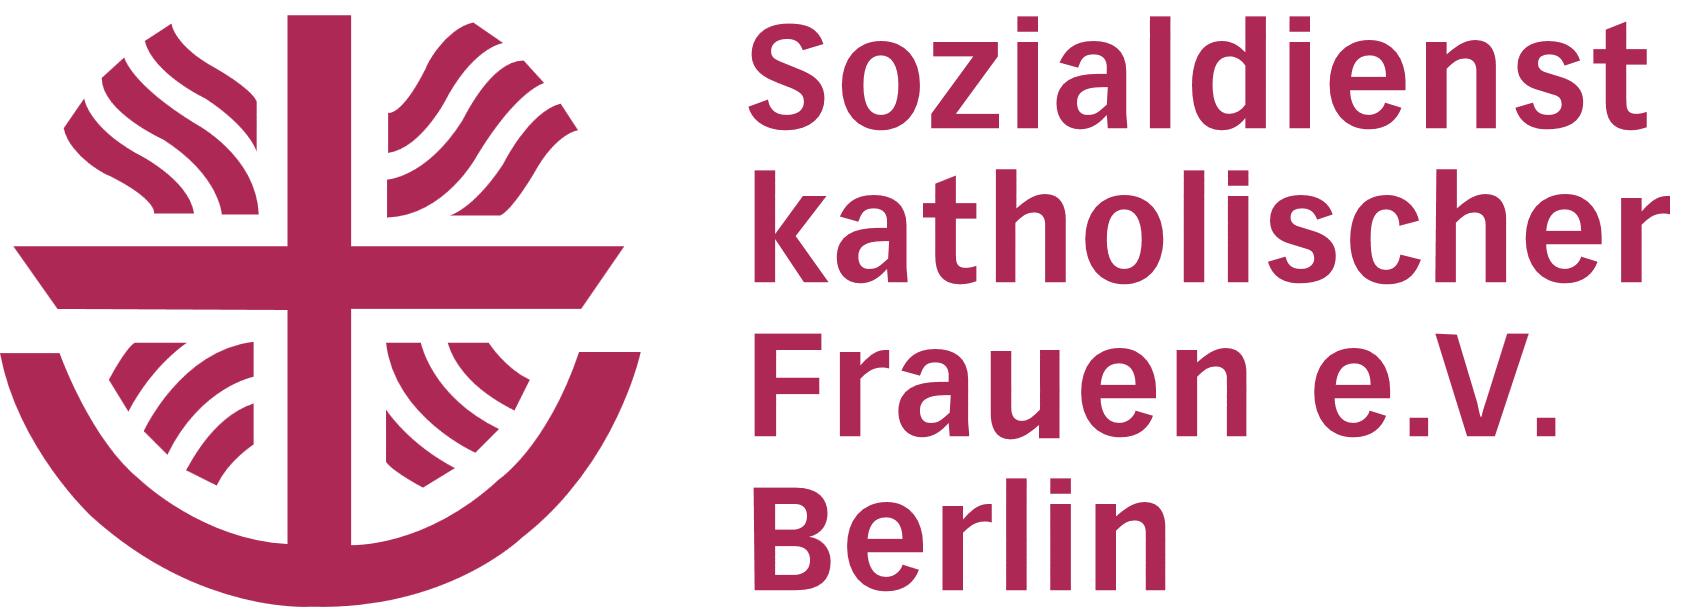 delphin-werkstatt-logo